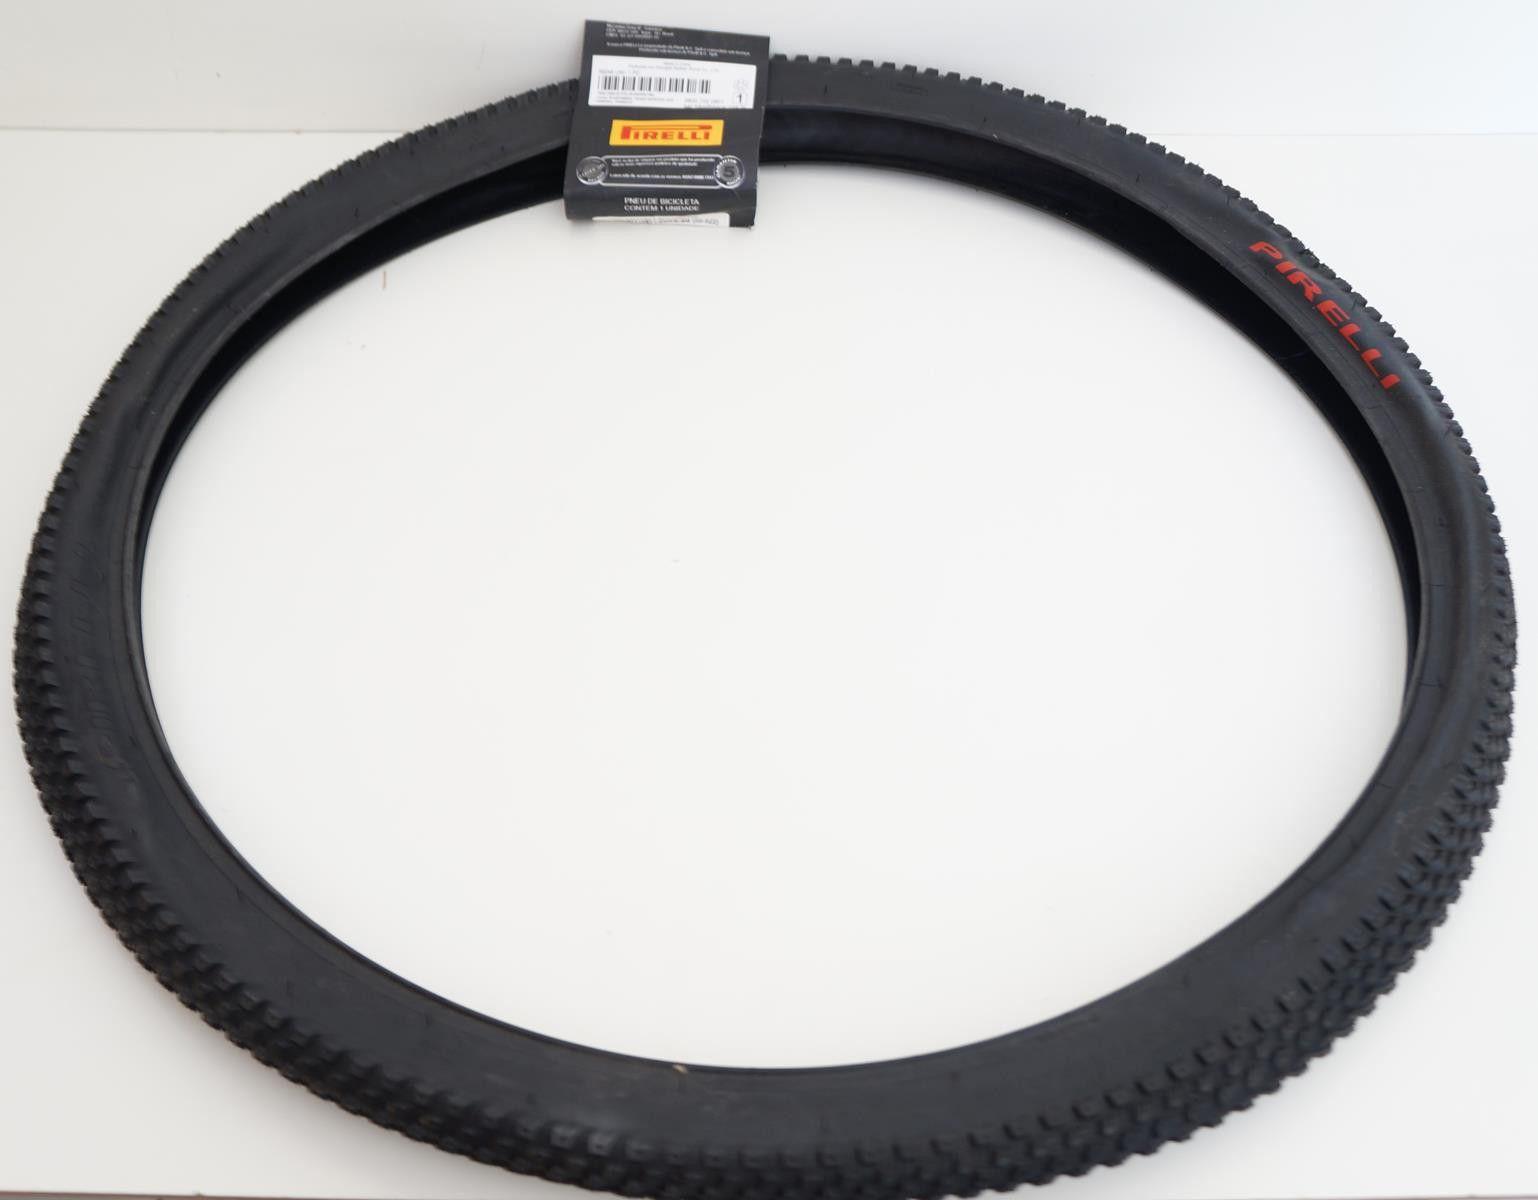 Par de Pneus para Bicicletas Pirelli Scorpion Pro Aro 29er 29x2.20 com Arame Mountain-Bike